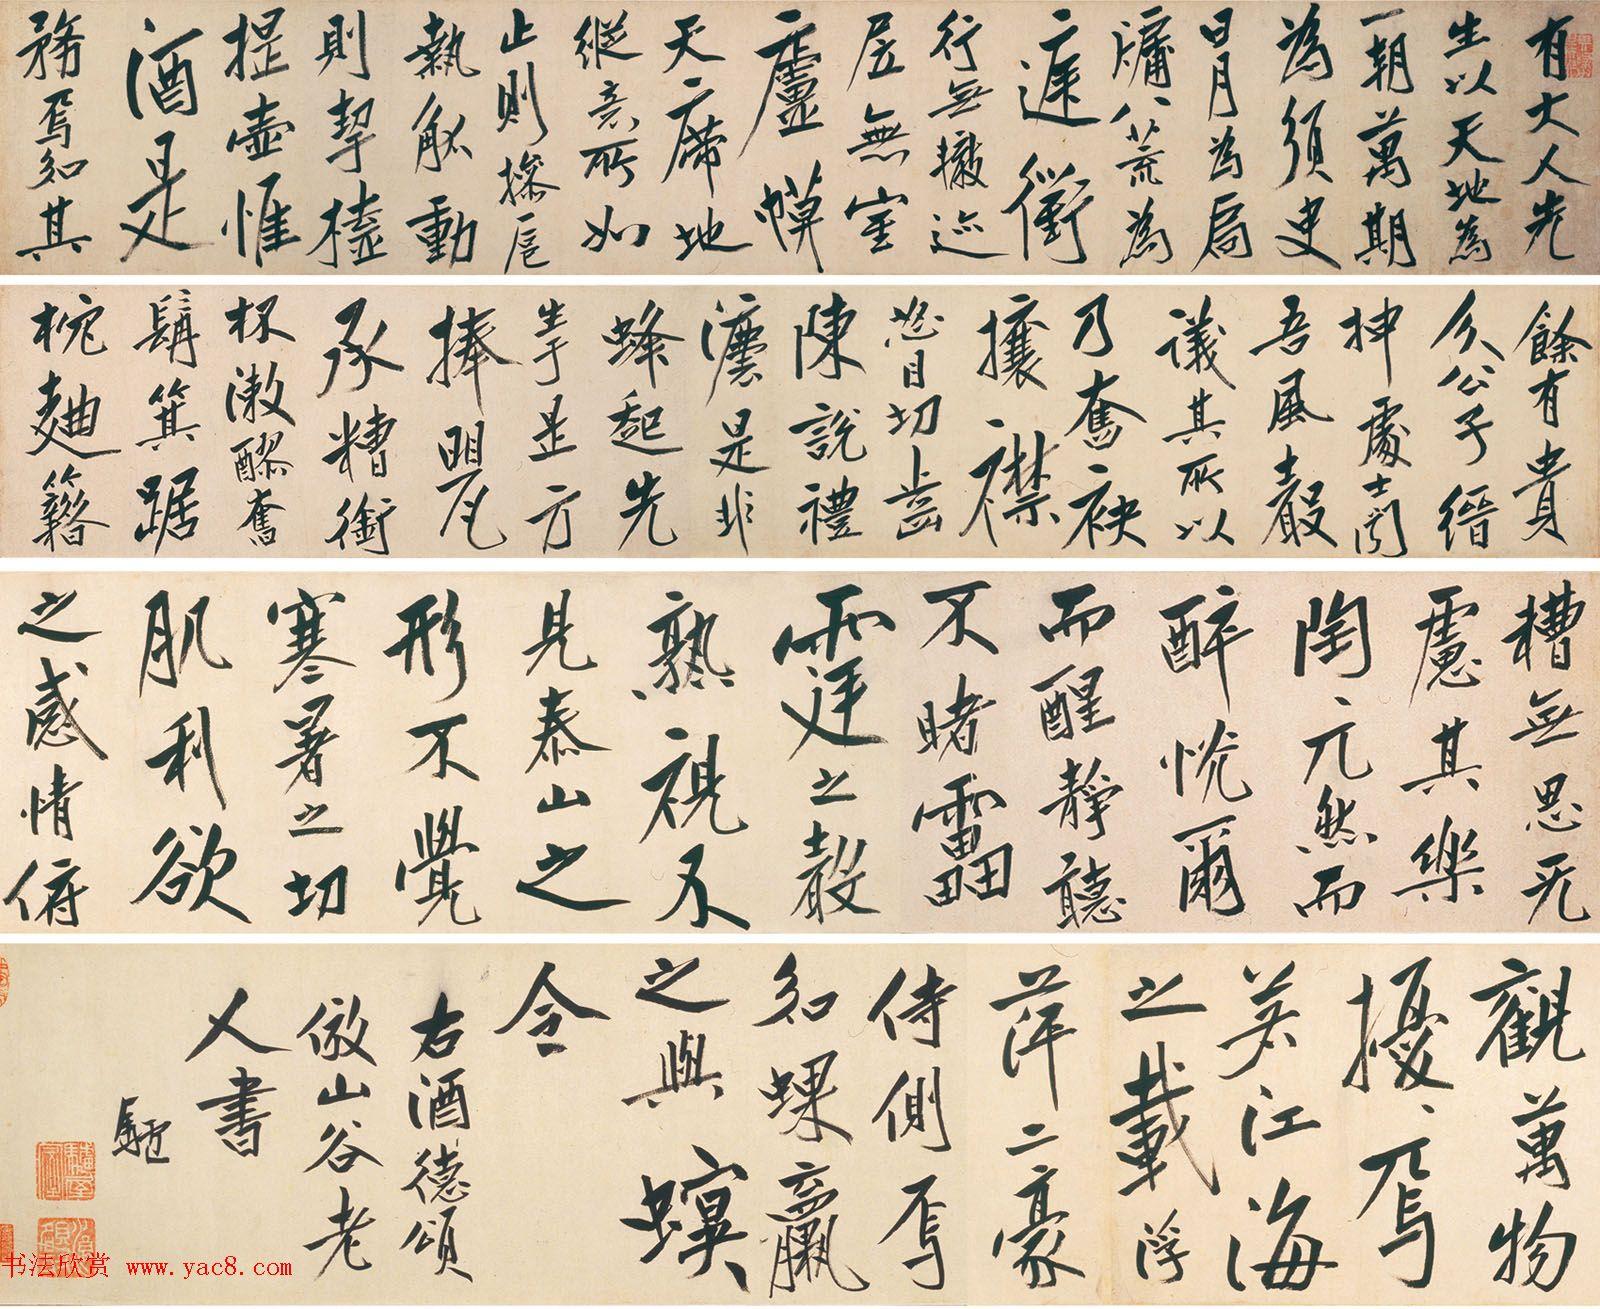 清代朱耷行书长卷欣赏《刘伶酒德颂卷》